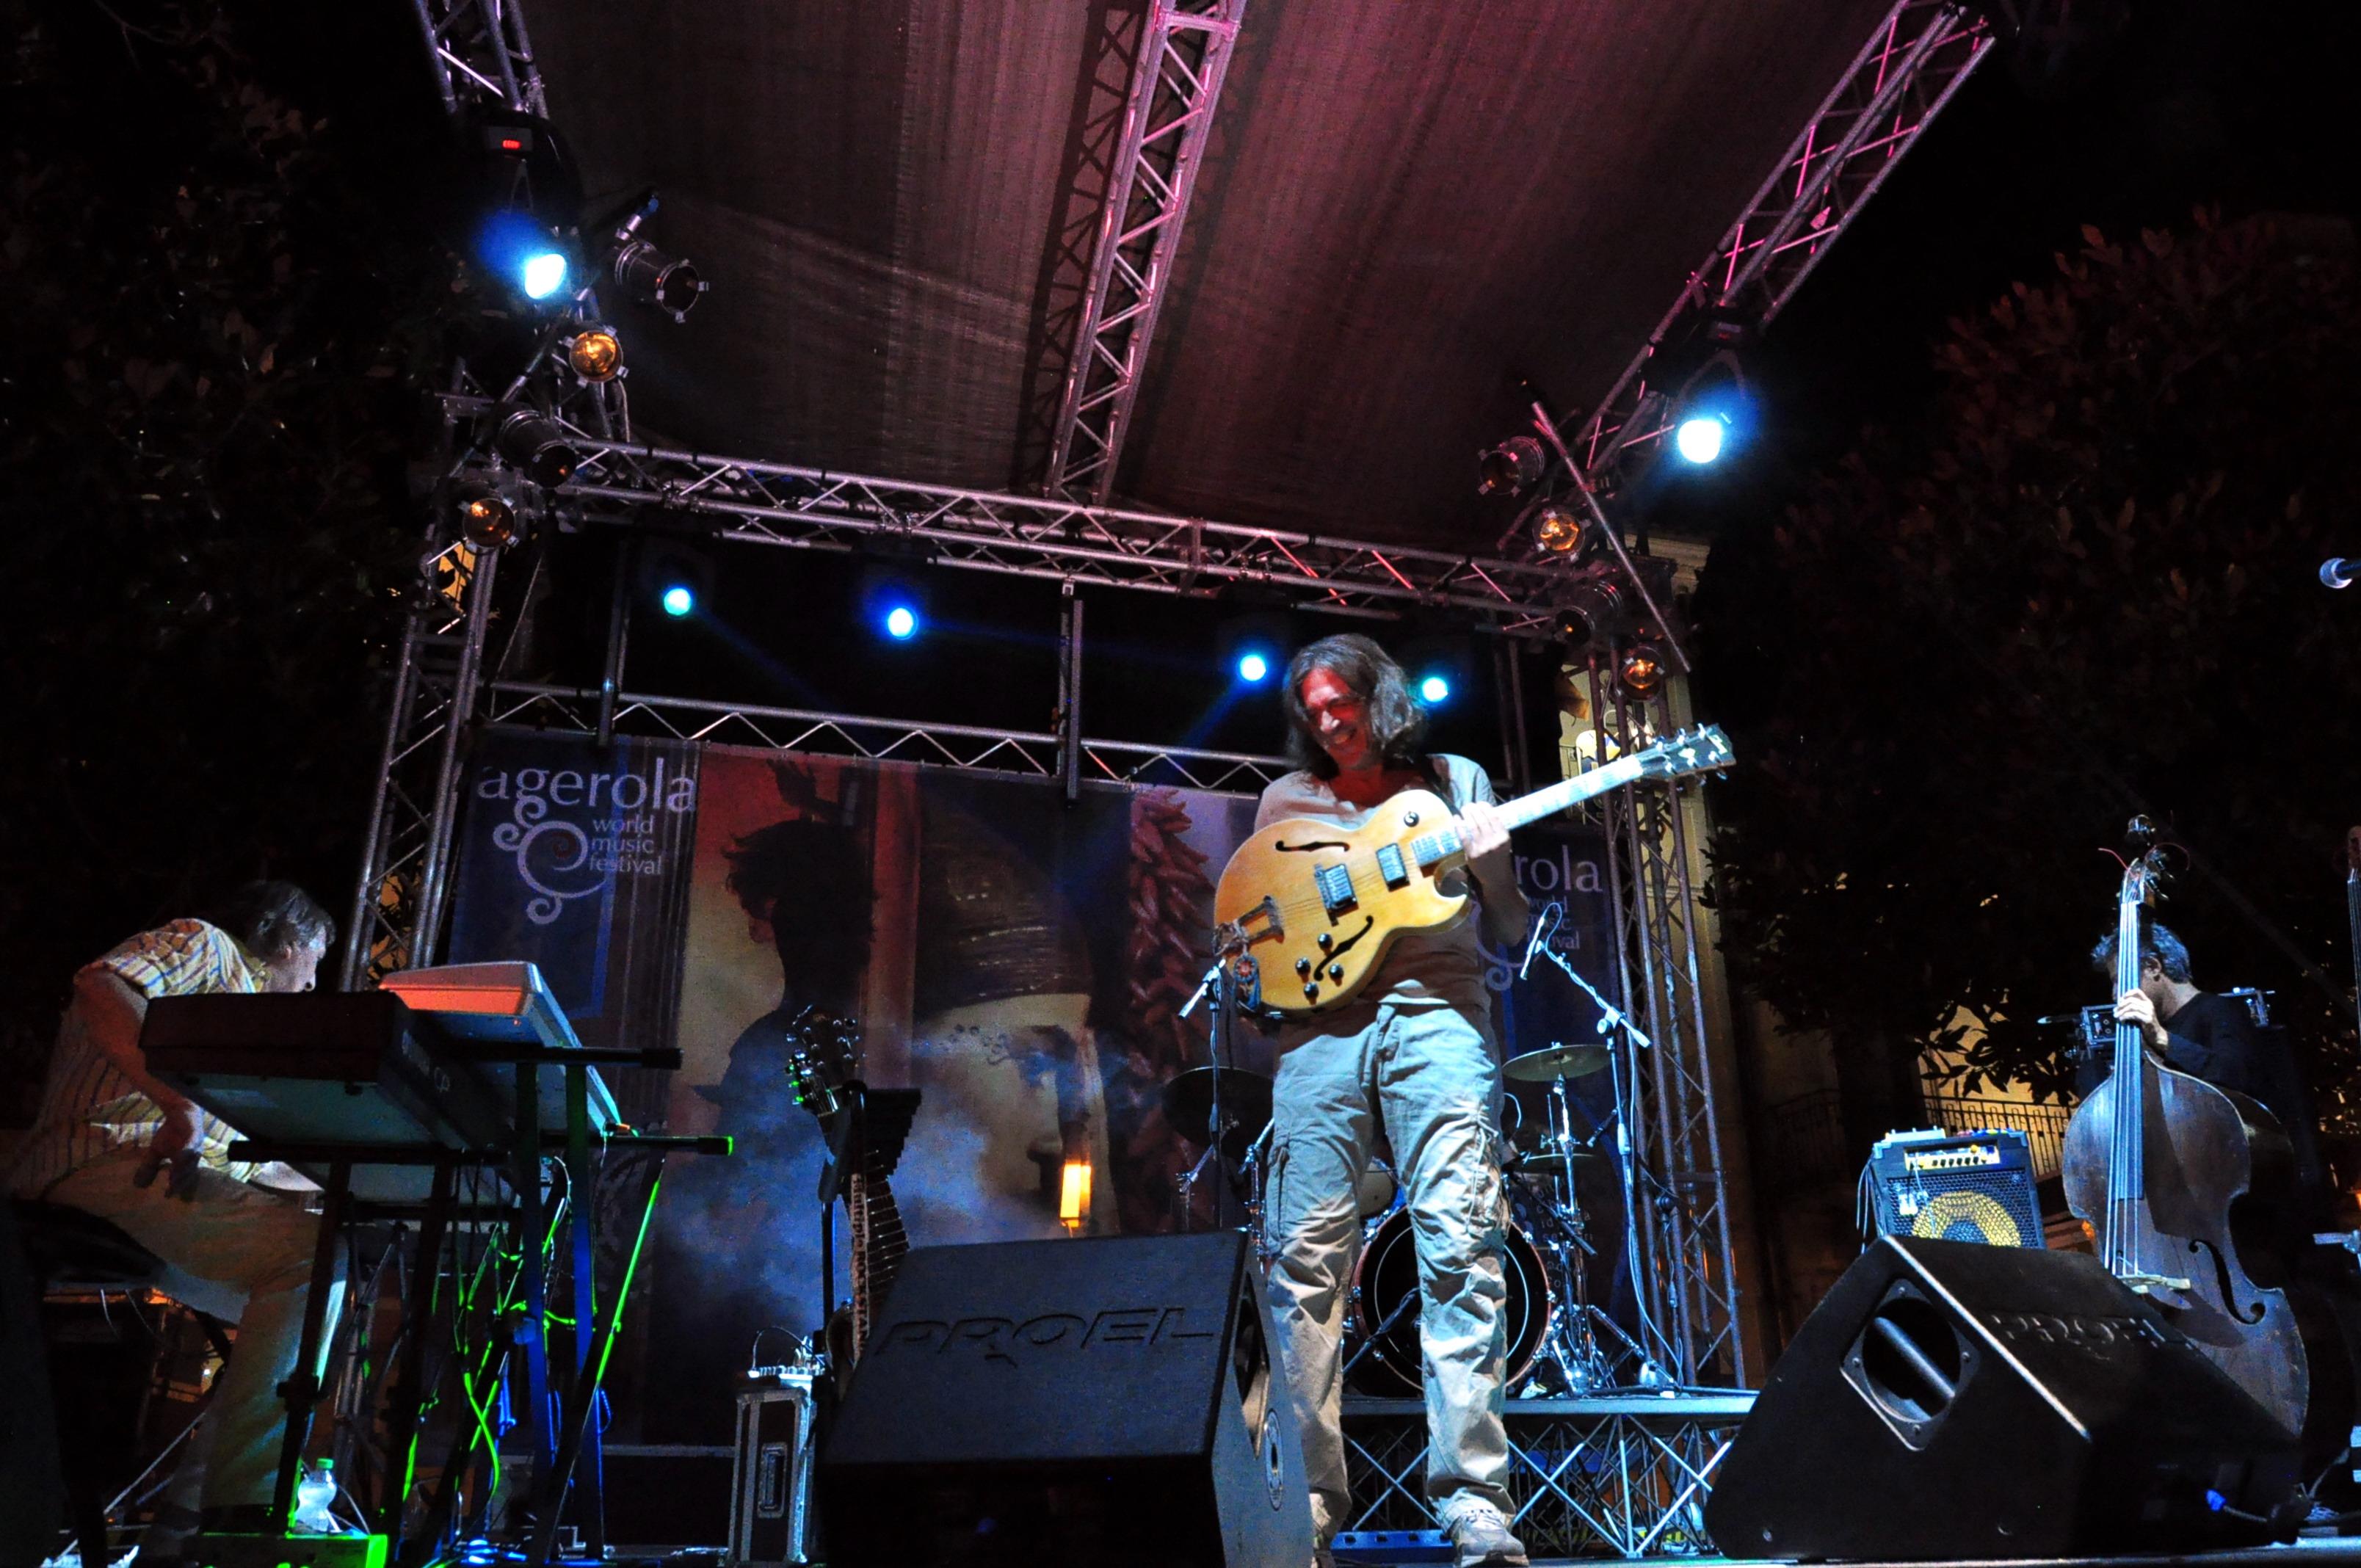 Antonio-live